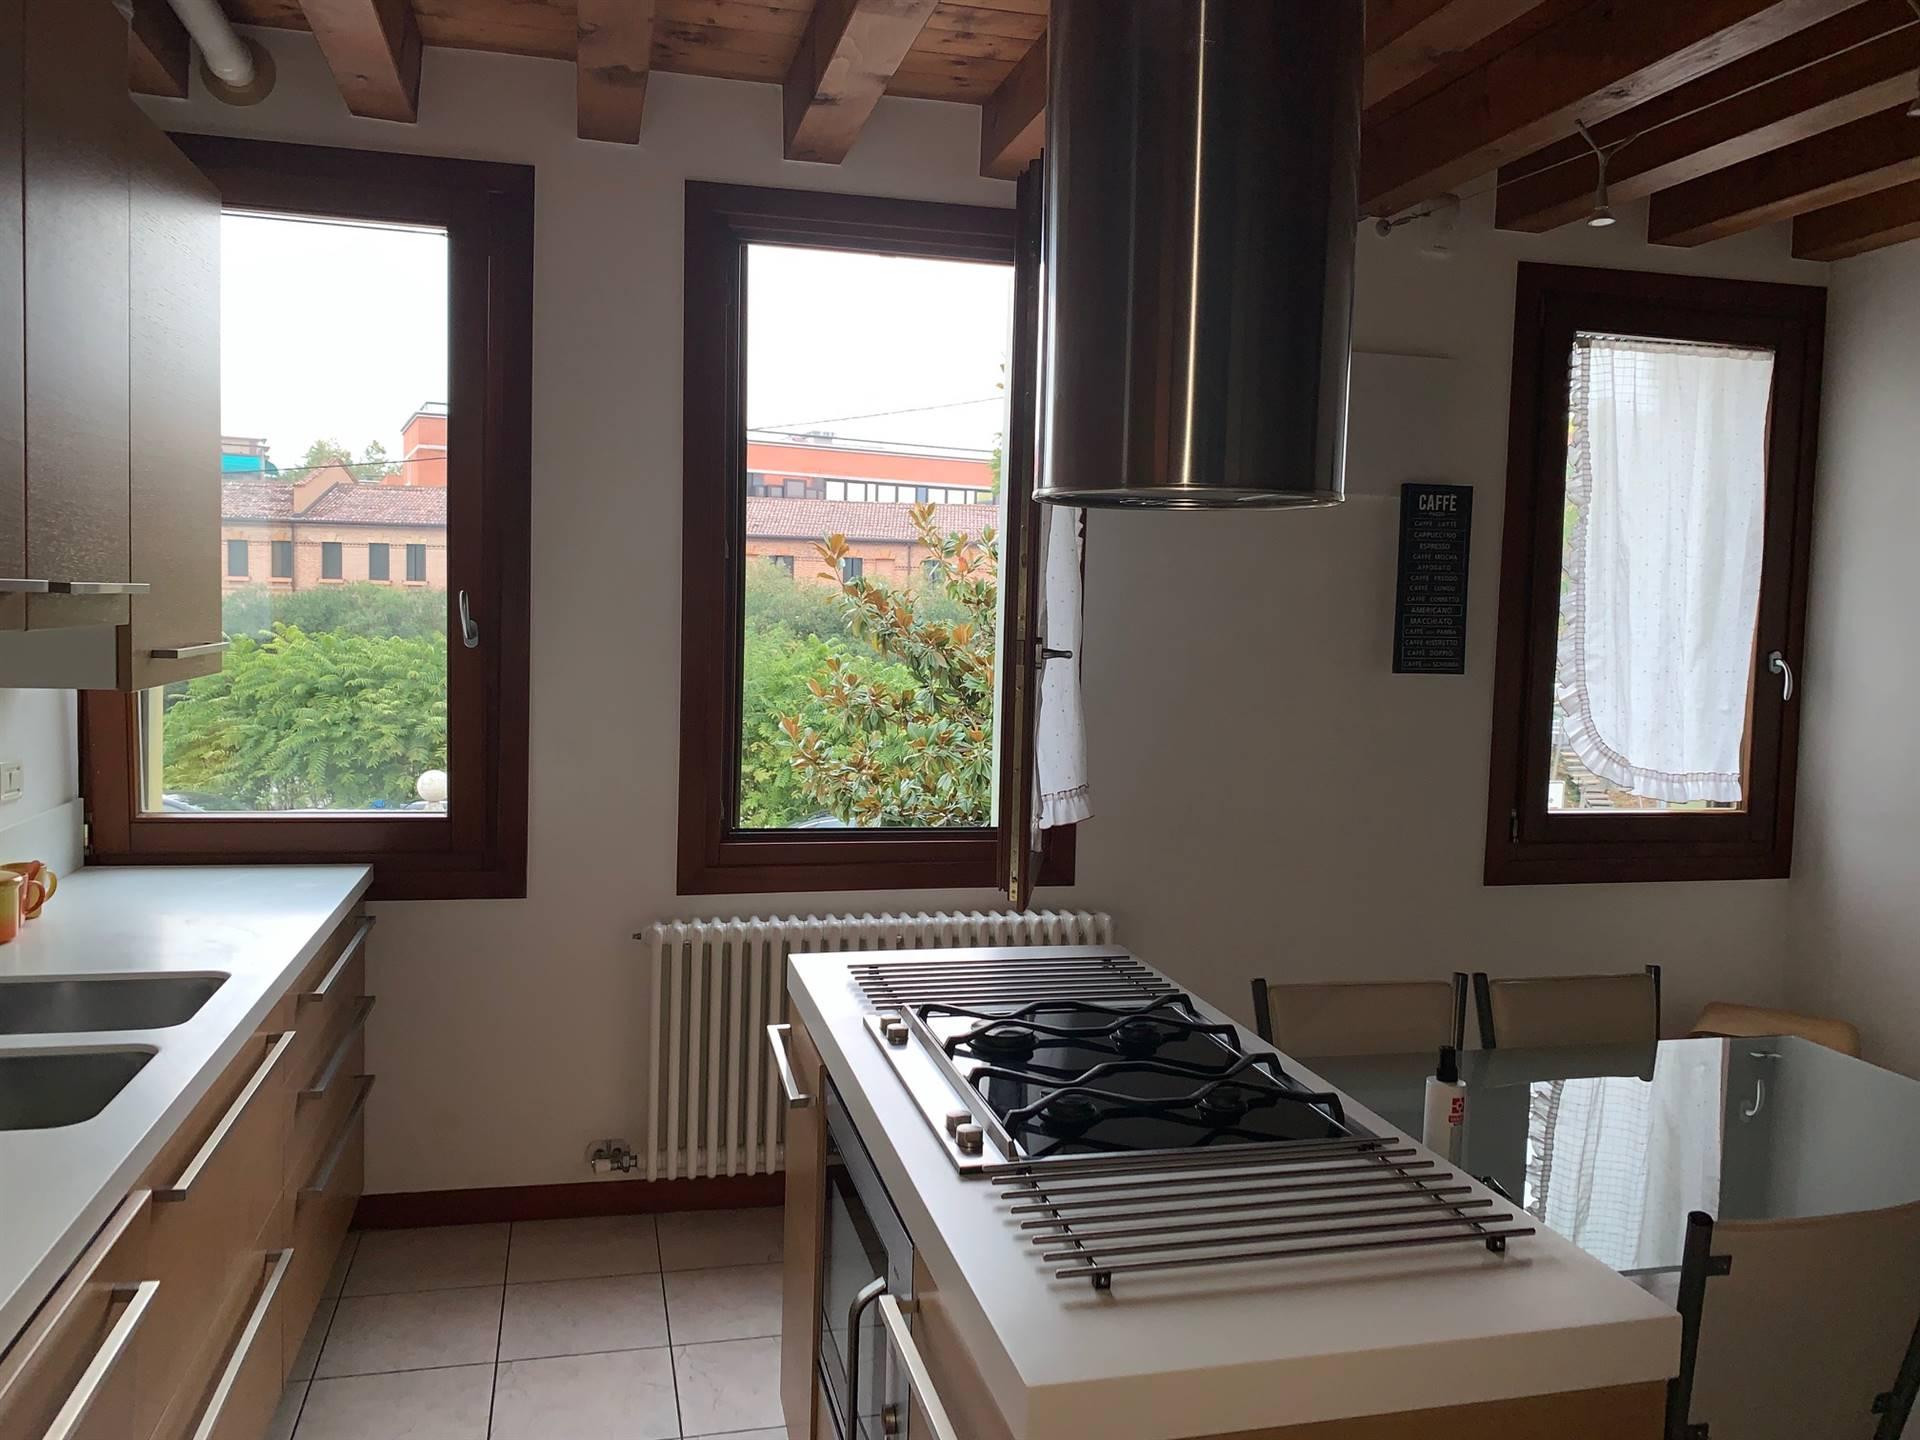 cucina con travi in legno appartamento Mestre